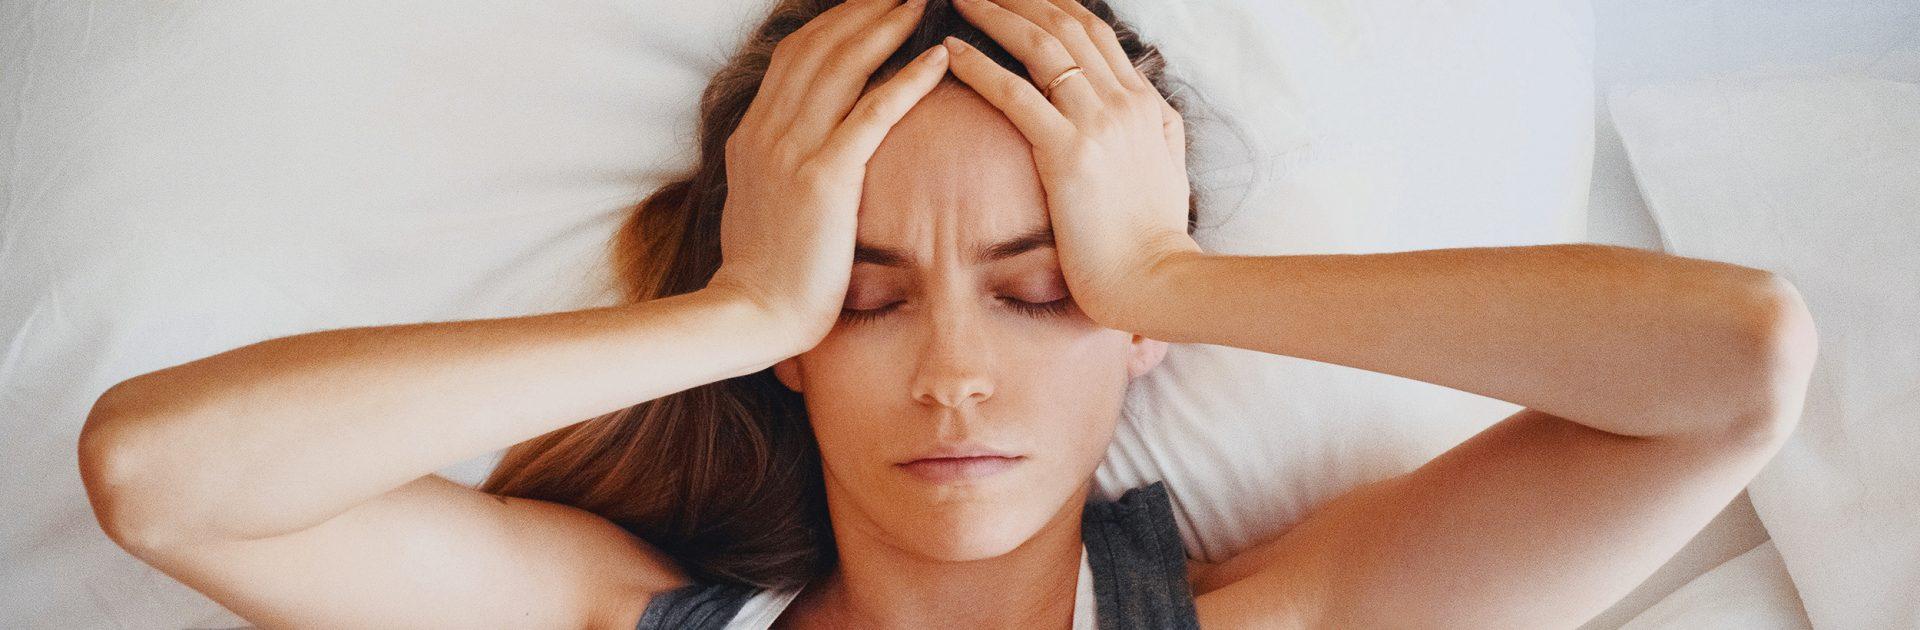 Frau mit Pansinusitis hält sich den schmerzenden Kopf.